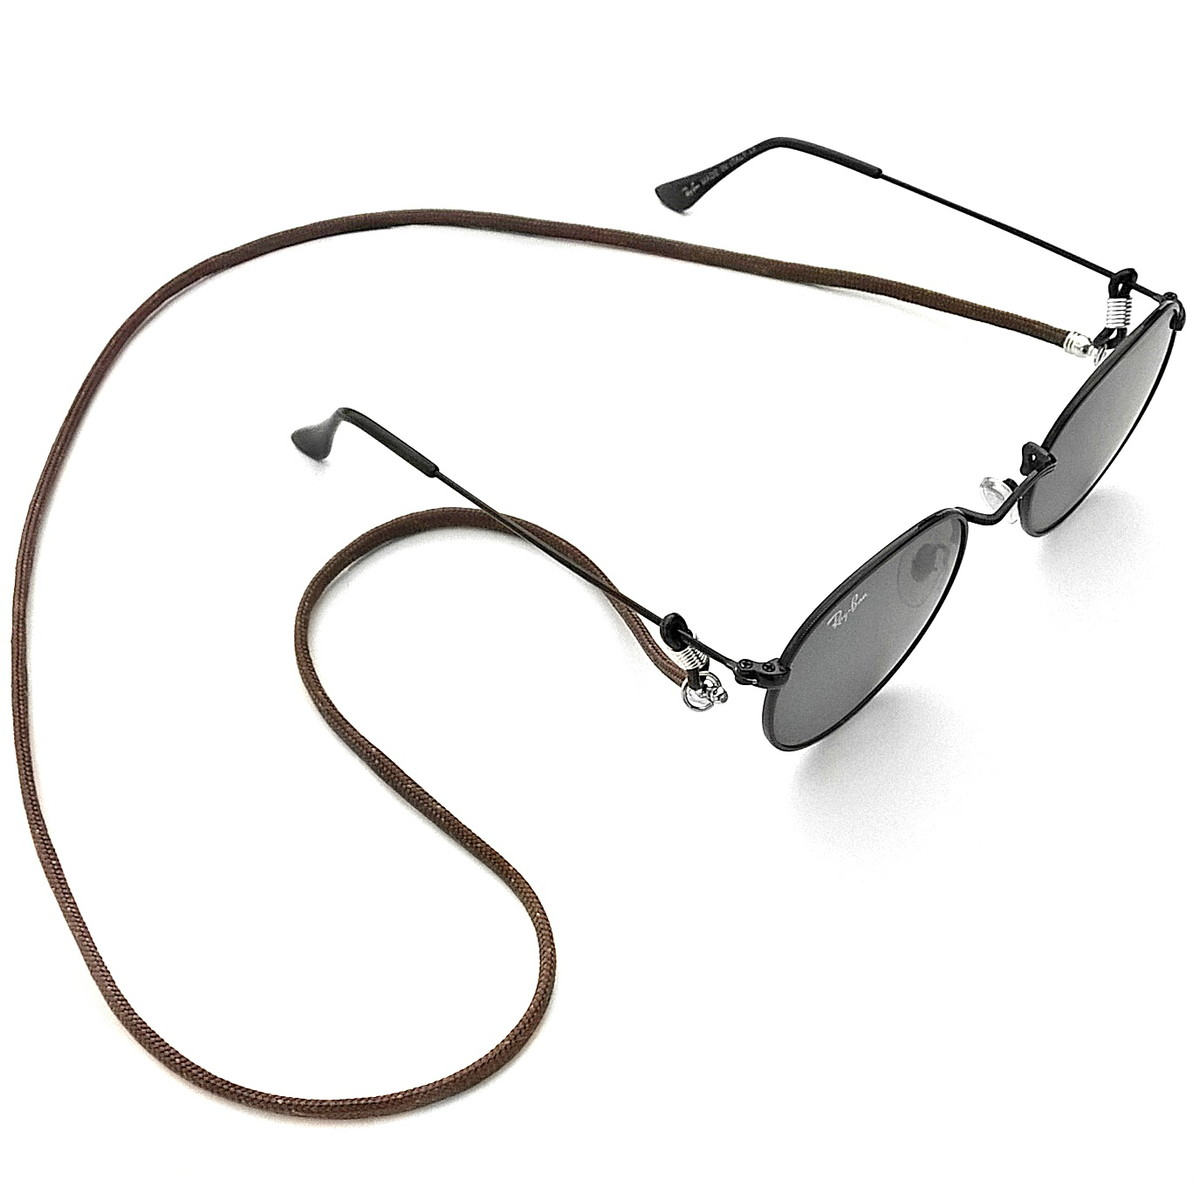 Cordao Segura Oculos Fio De Oculos no Elo7   HAZE BRASIL - Pulseiras ... 69bcaaff35